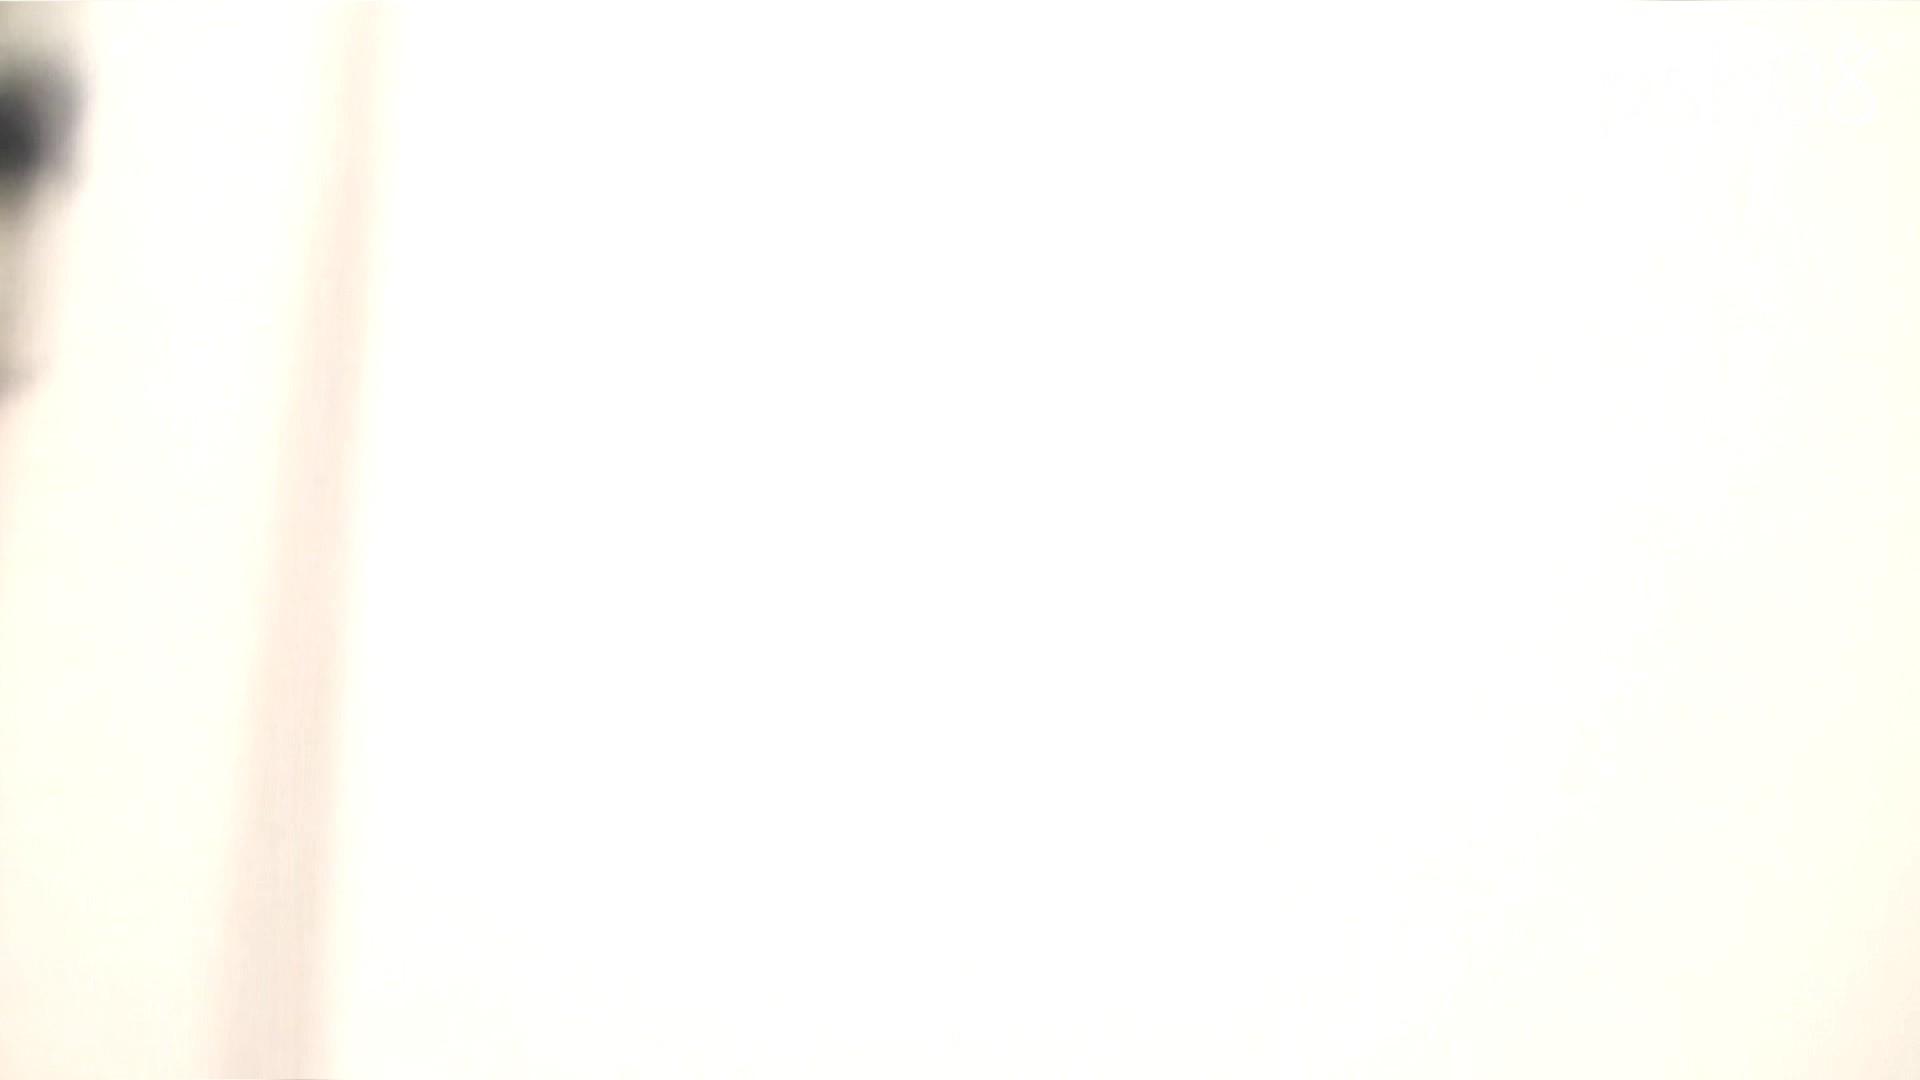 ▲復活限定▲ハイビジョン 盗神伝 Vol.8 洗面所  74PIX 6